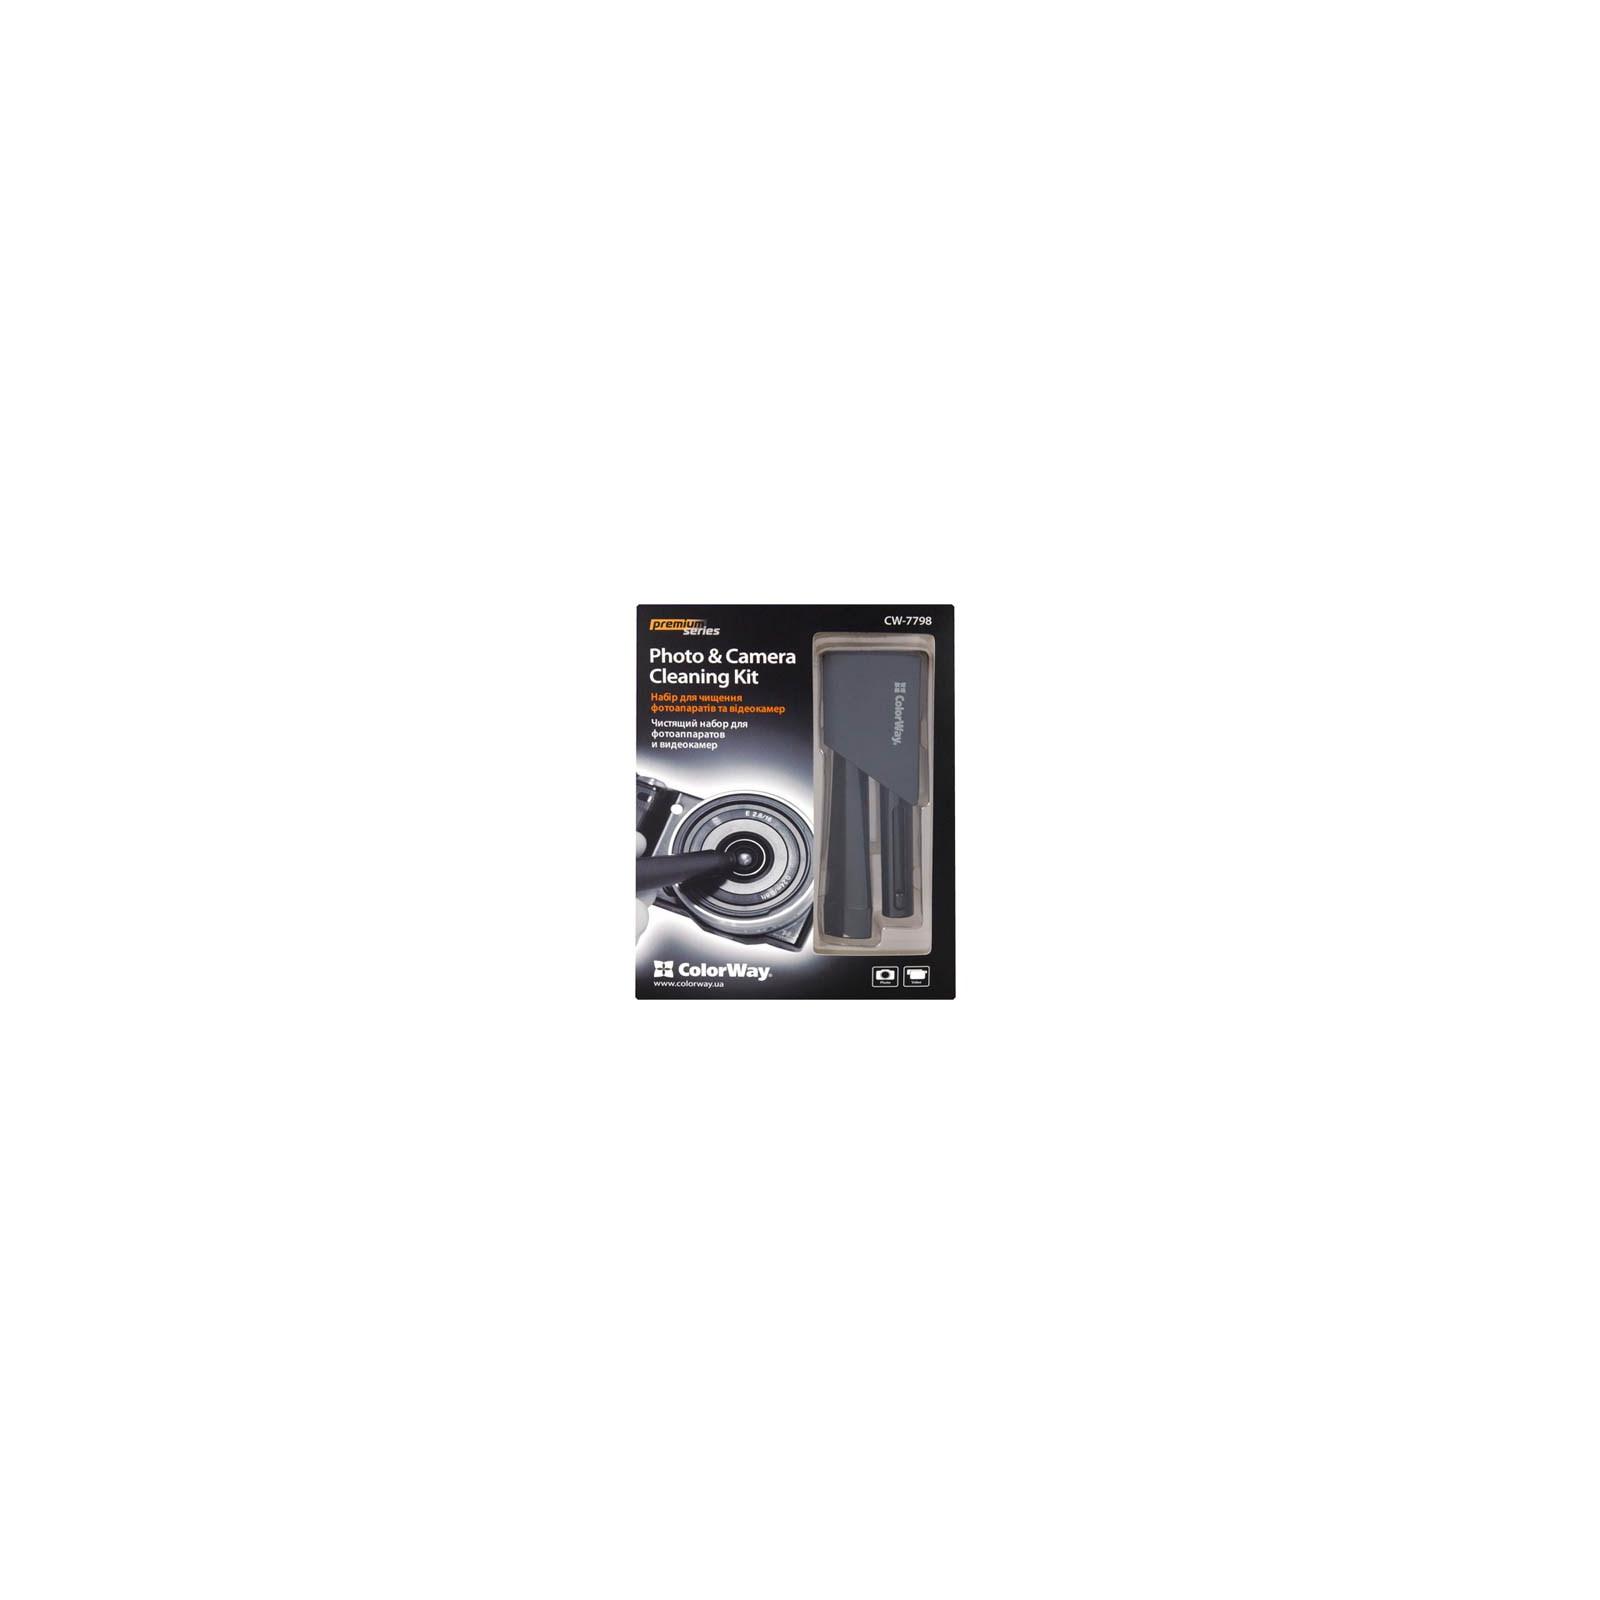 Очиститель для оптики Photo & Camera Cleaning Kit ColorWay (CW-7798)